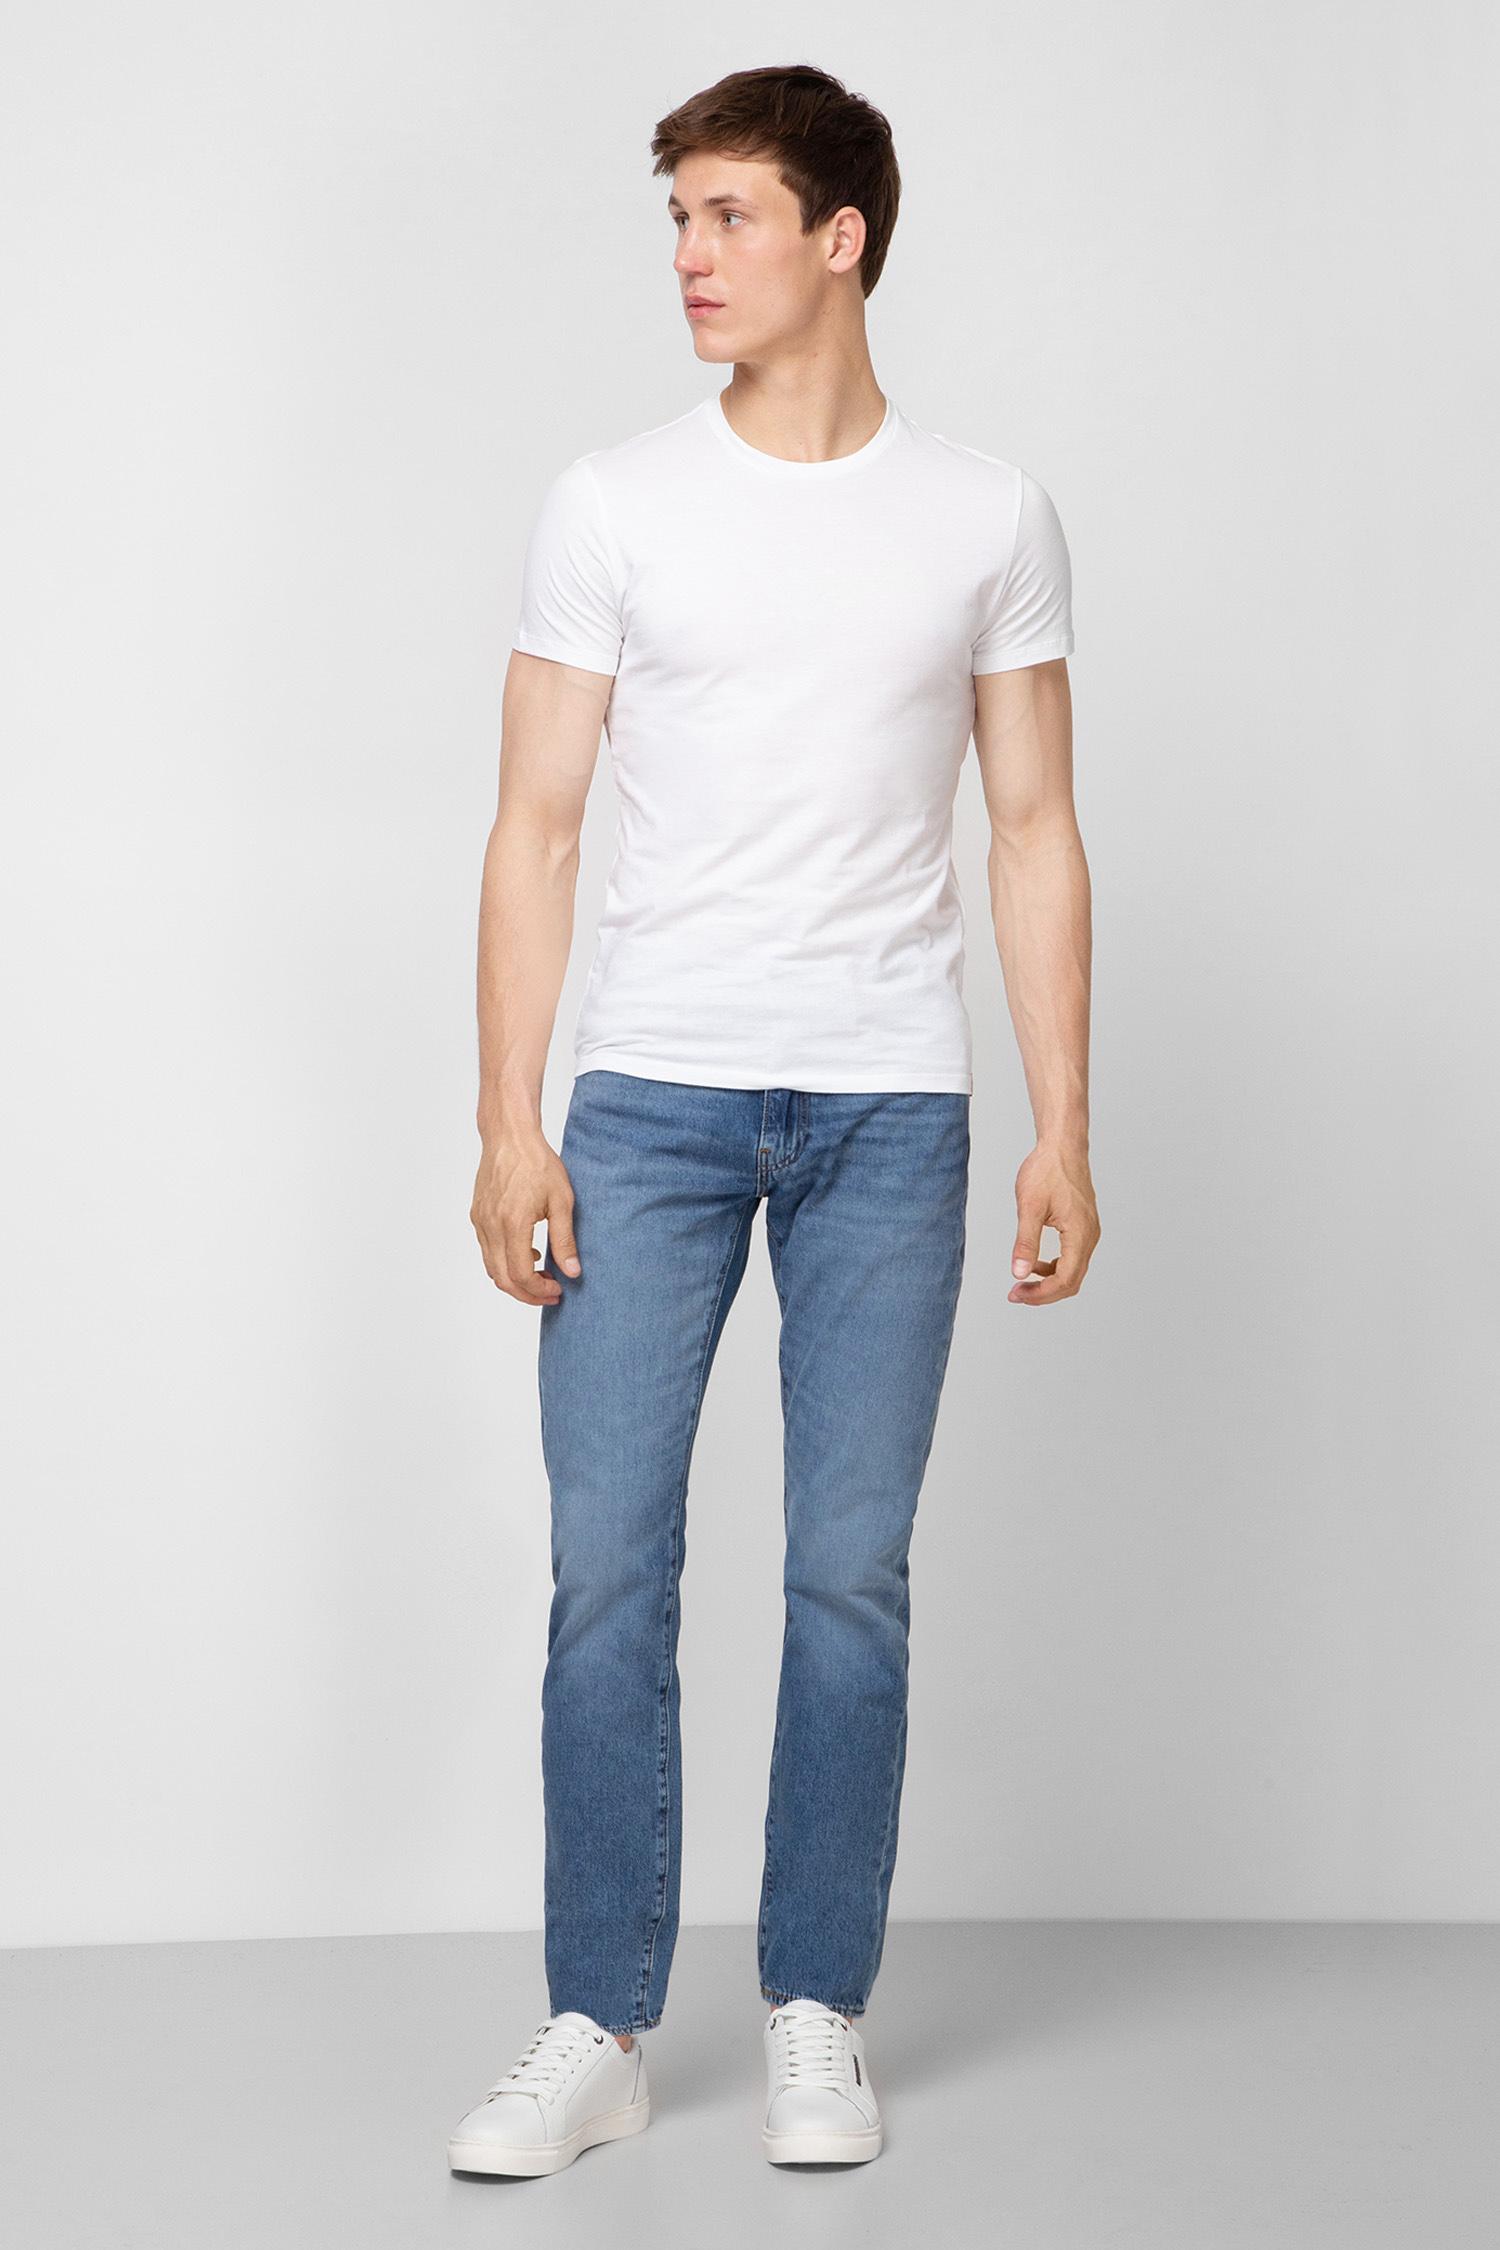 Мужские синие джинсы 502 Taper Ocala Park Ltwt Levi's 29507;0648